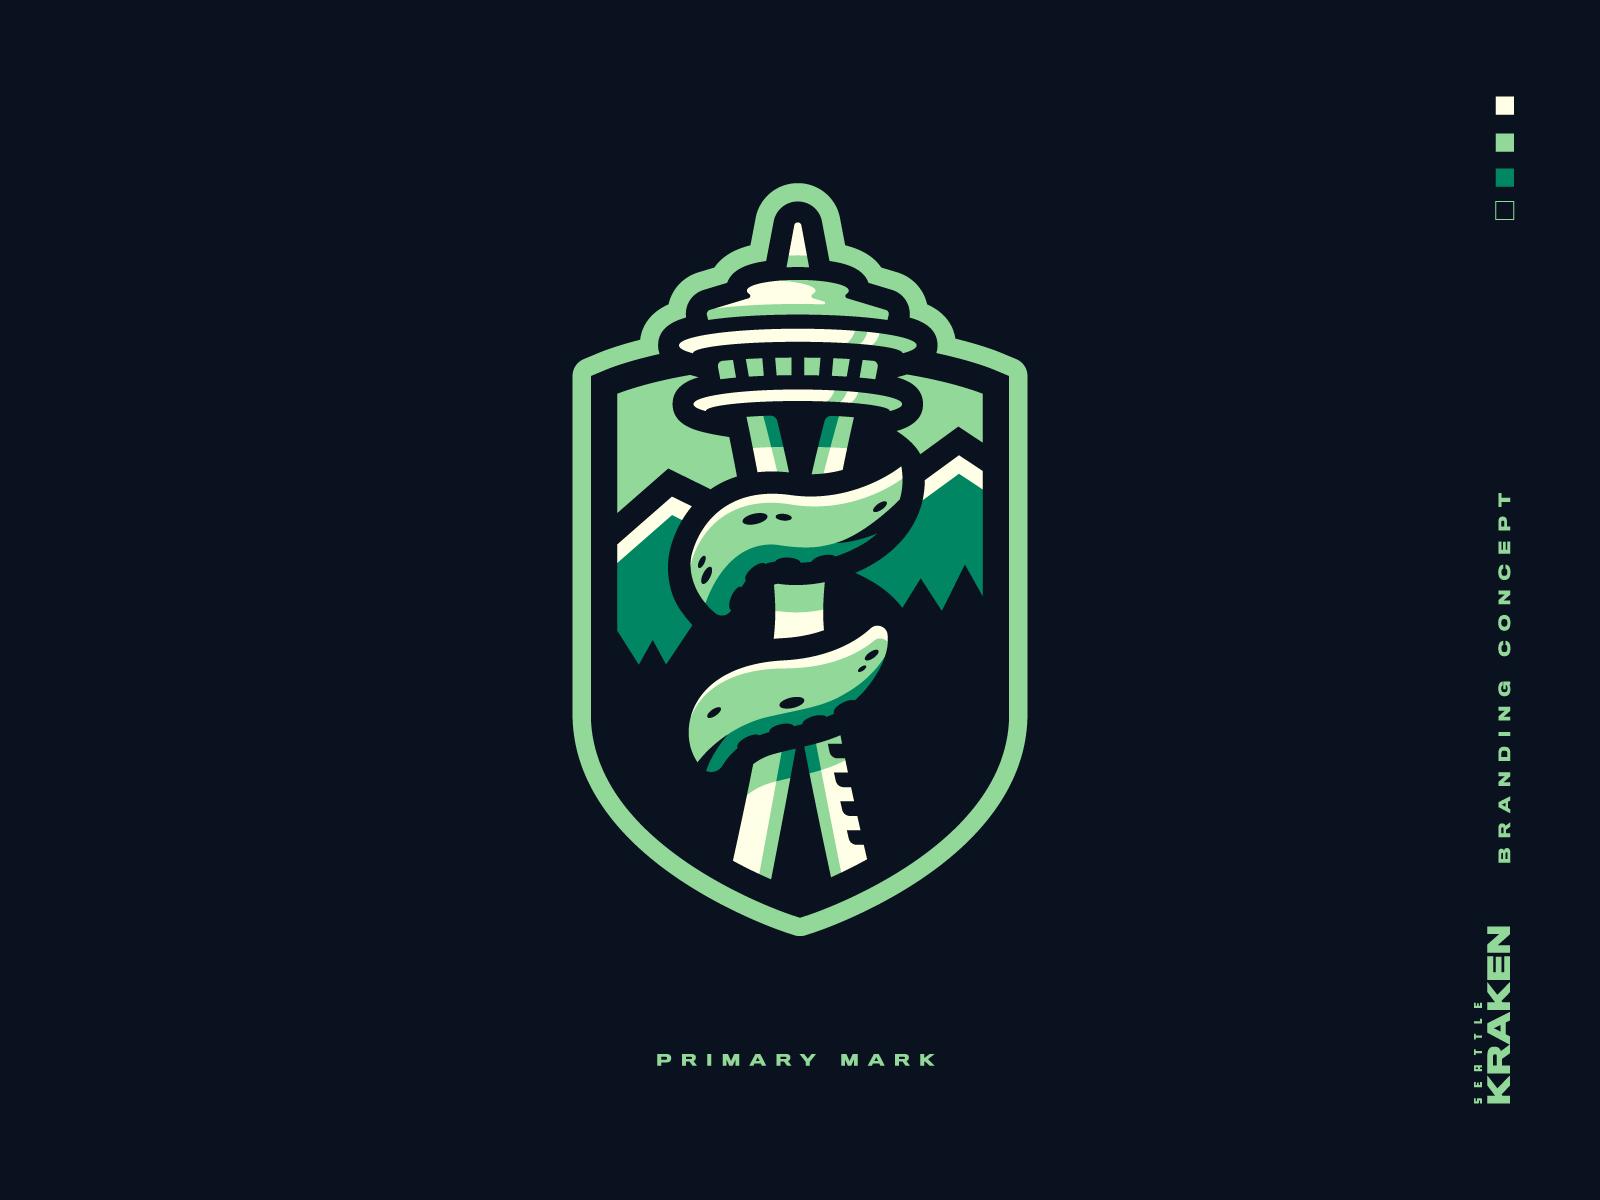 Seattle Kraken Branding by Grant O'Dell for Forte on Dribbble